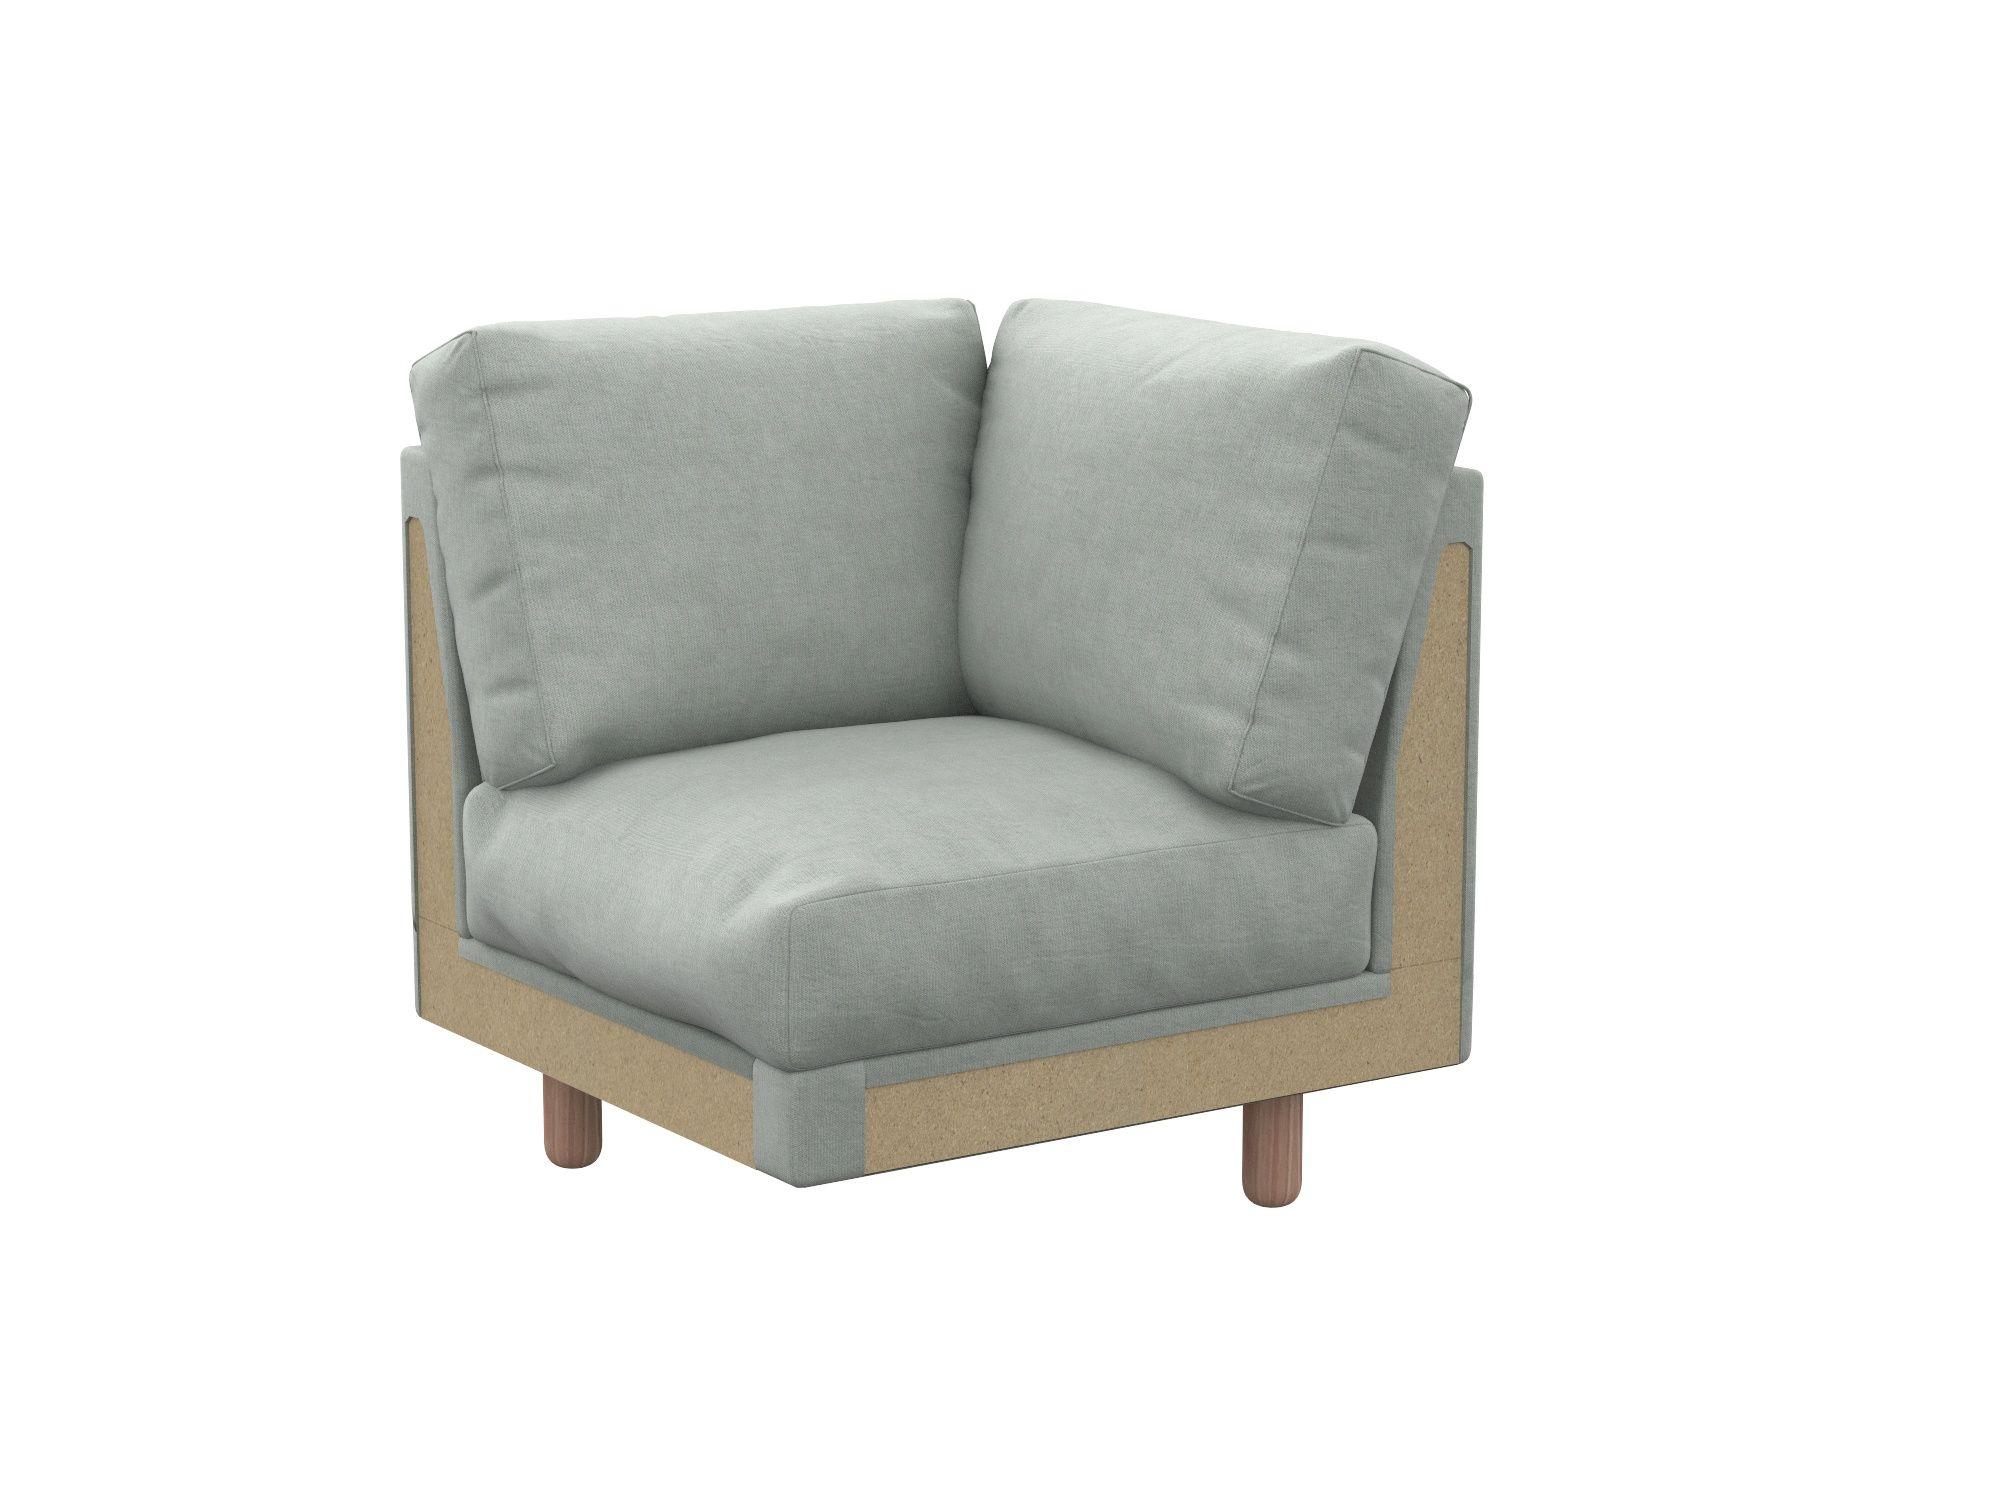 Norsborg pokrowiec na sofę 2-osobową z kieszeniami bocznymi